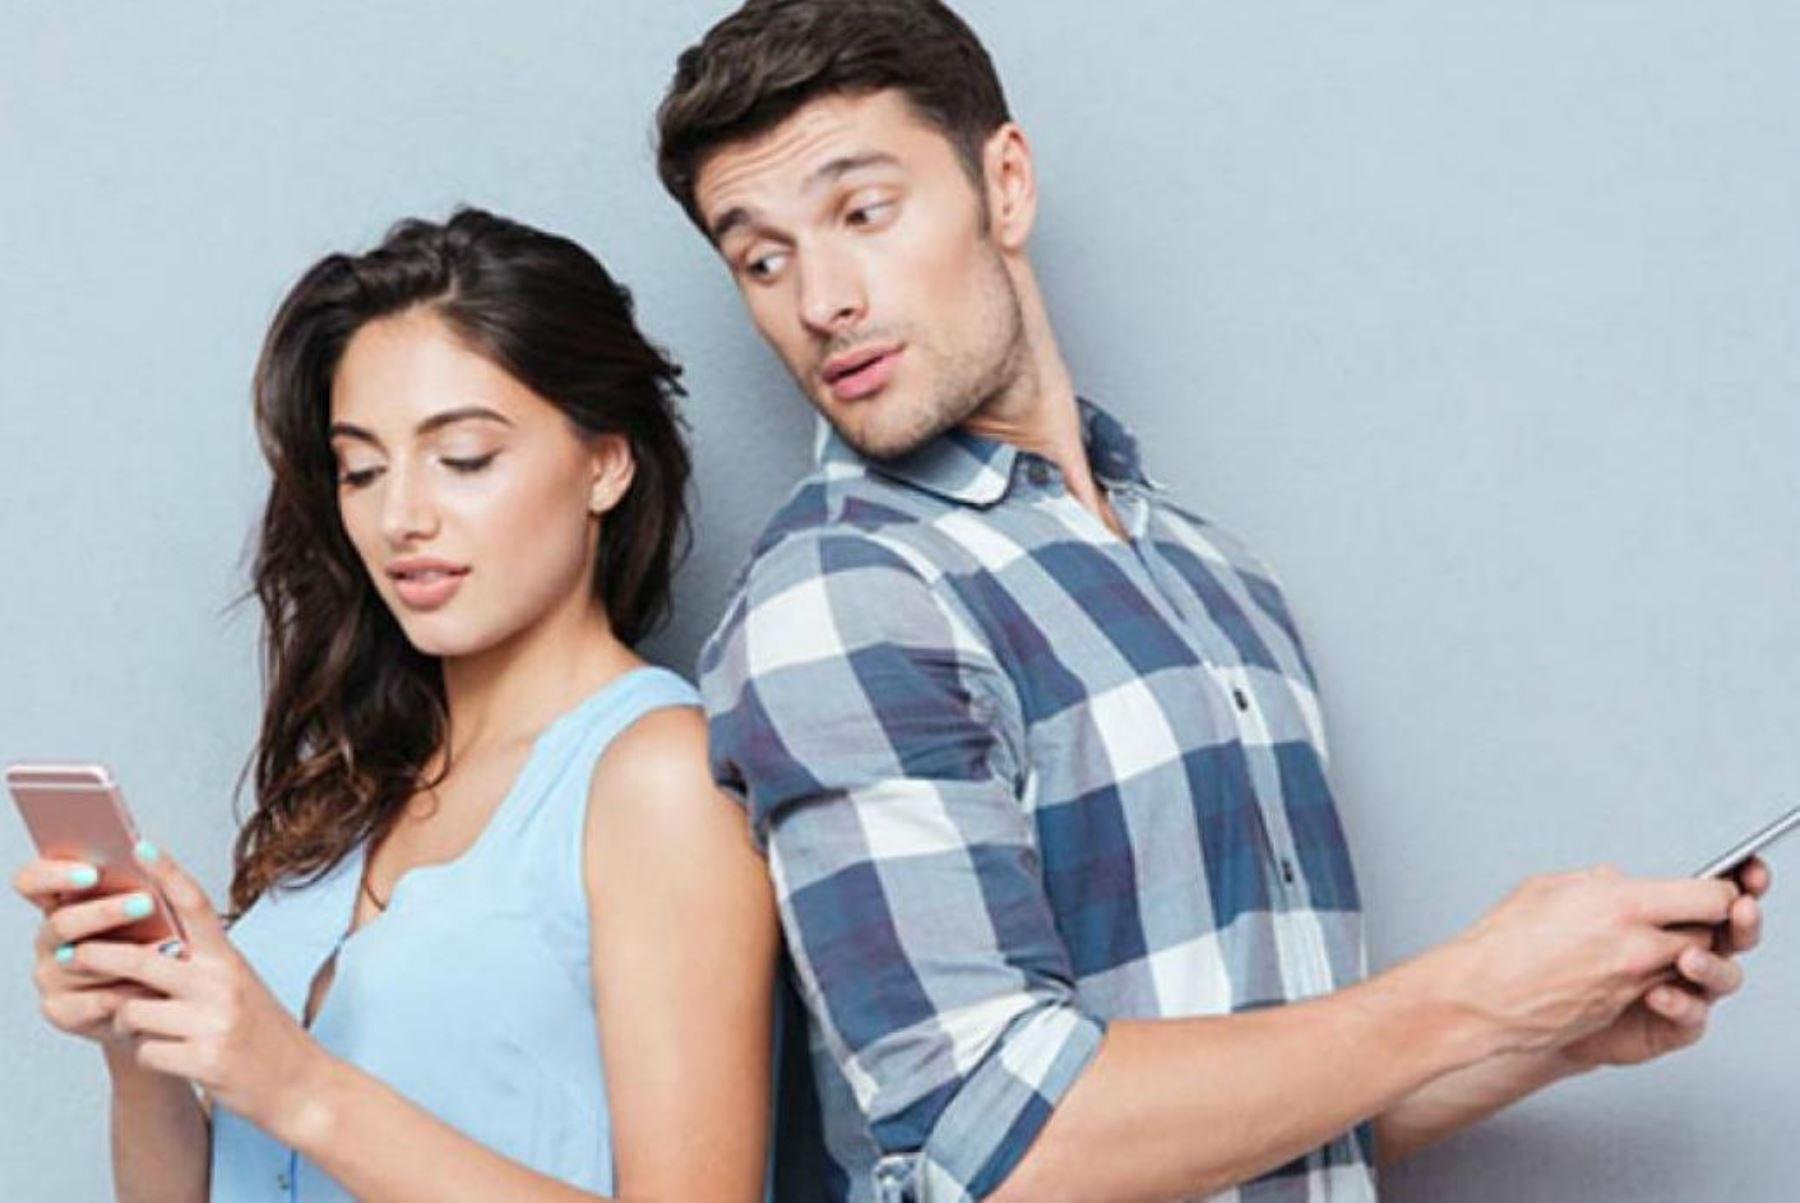 ¿Es bueno para la relación de pareja compartir el celular?. Internet.